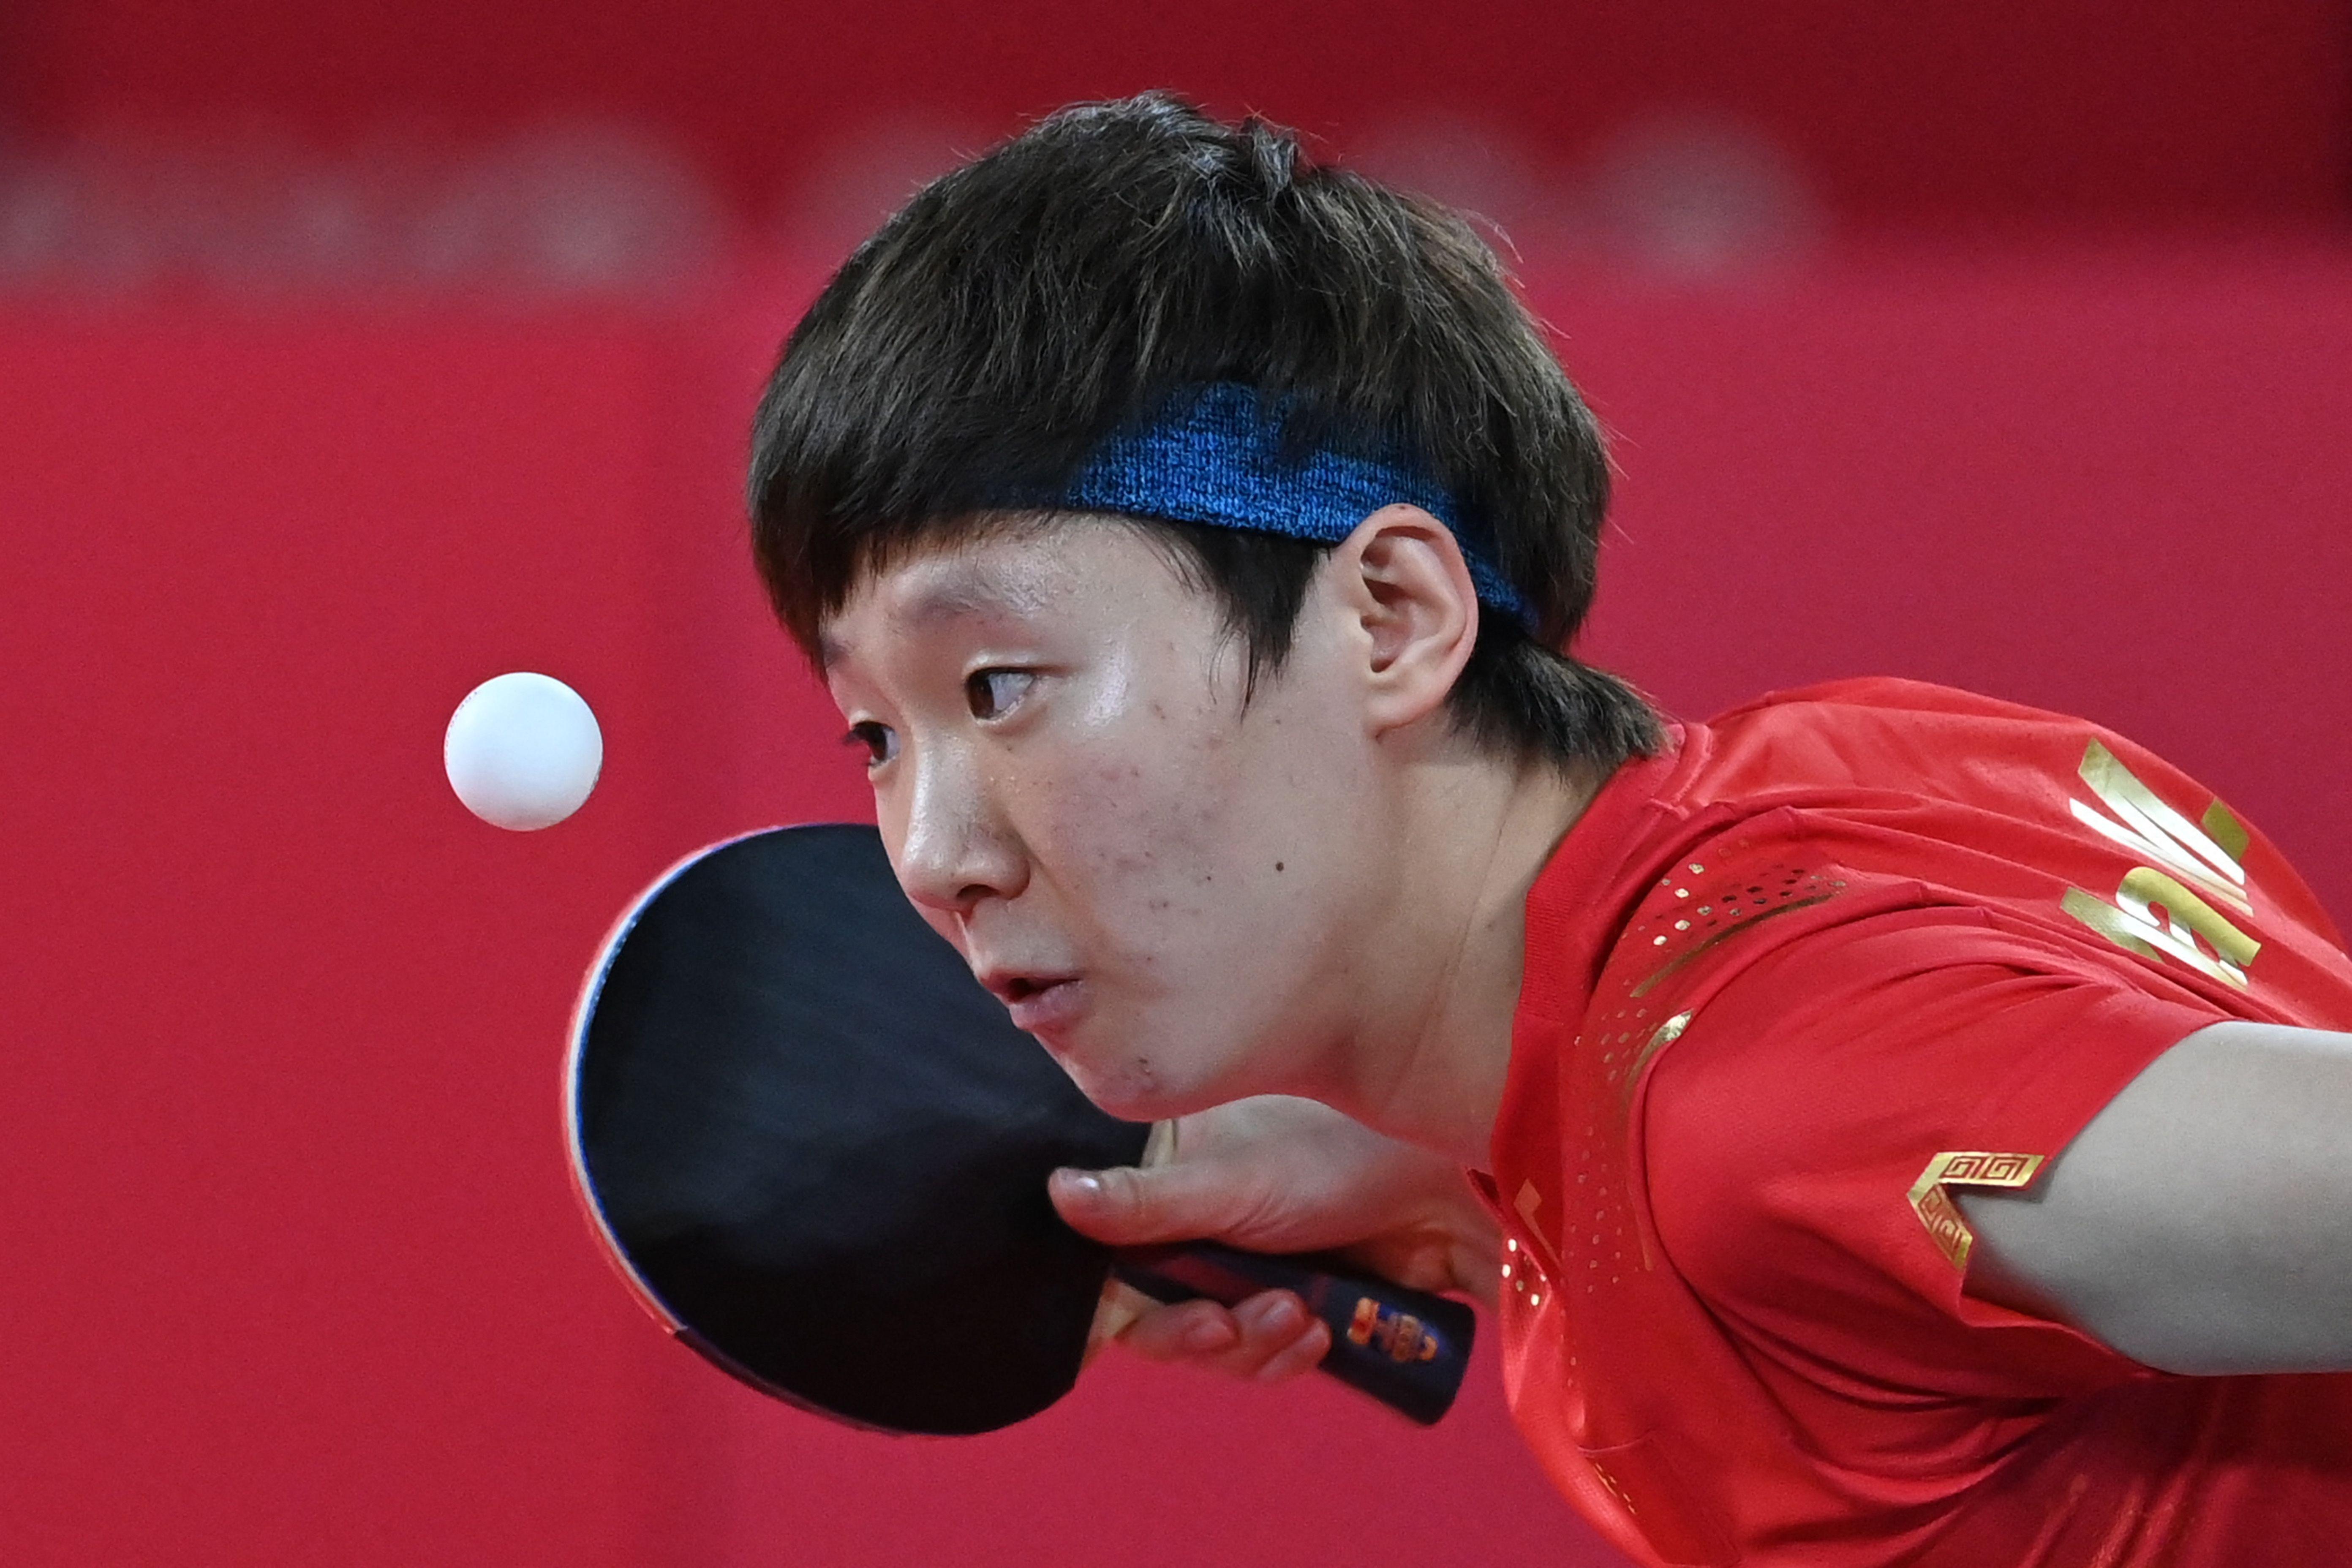 P卡选手王曼昱替补刘诗雯出战。